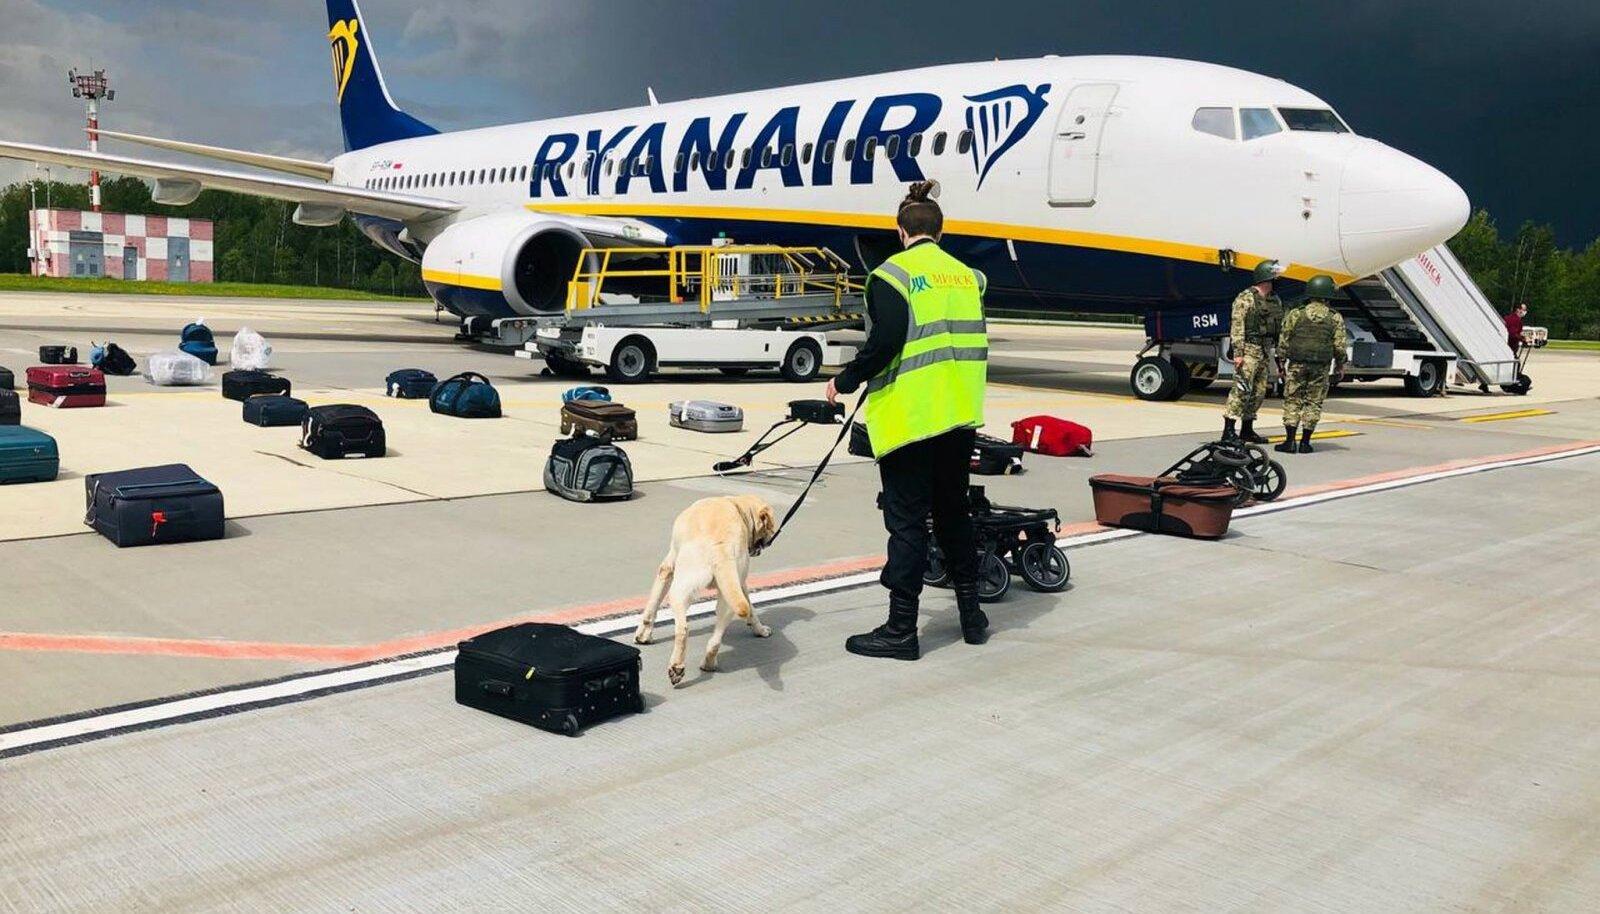 Minskis valega hädamaanduma sunnitud Ryanairi lennuki reisijate pagas käidi moe pärast ka pommikoertega üle.